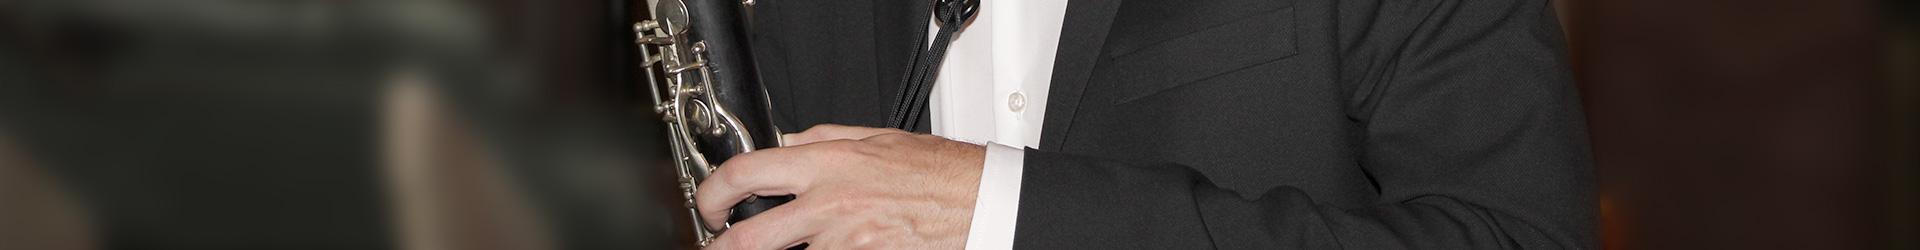 Nahaufnahme Hand mit Klarinette